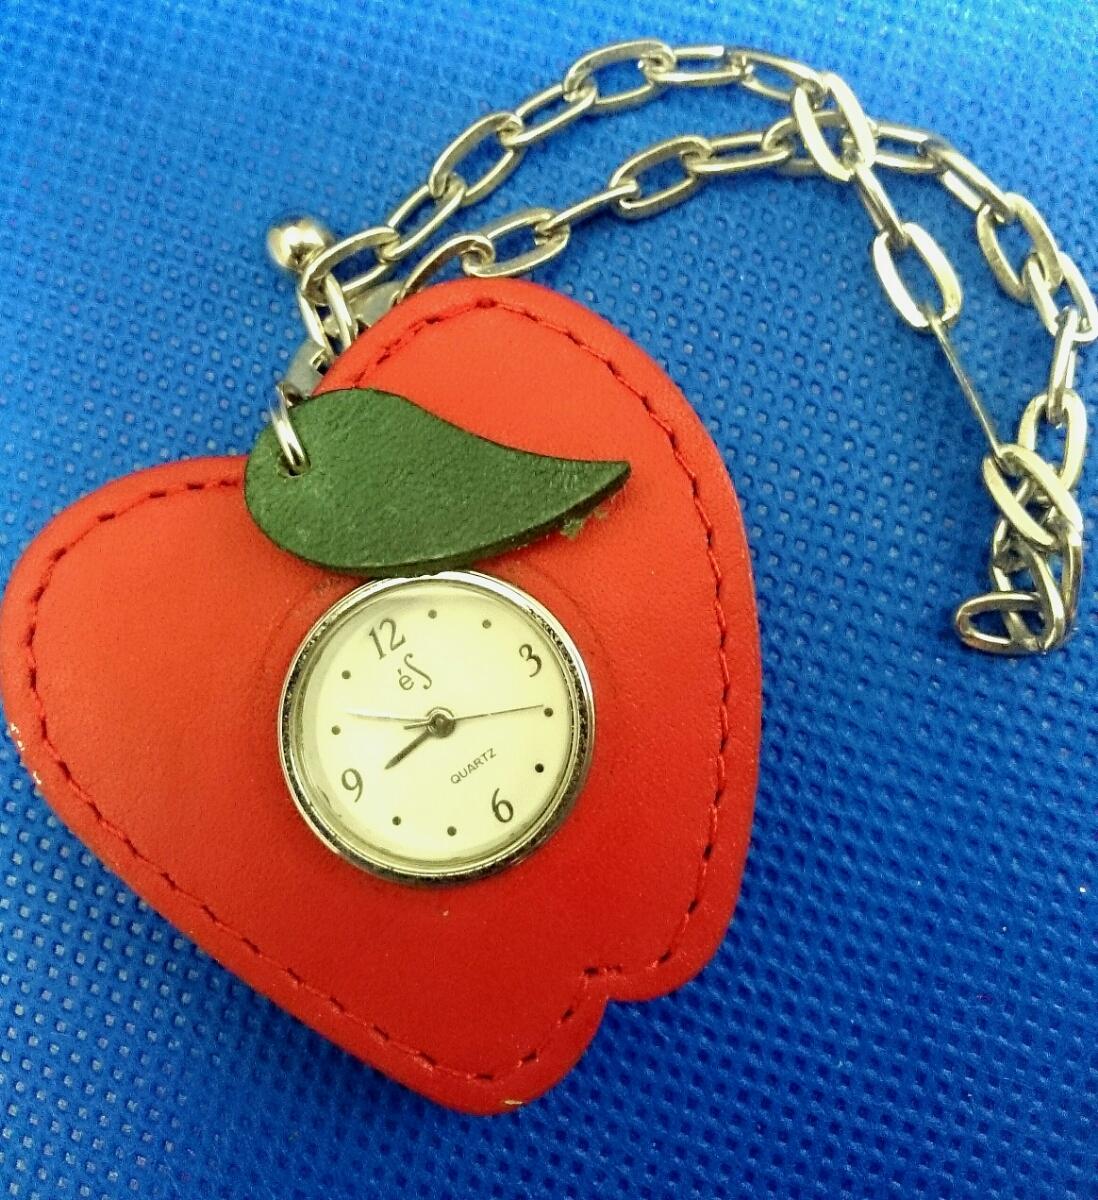 【かわいい♪】レザー風フレーム付き リンゴ アップル型 クォーツ式 ウォッチ付きチャーム キーホルダー 電池切れ 動作未確認 懐中時計_画像1